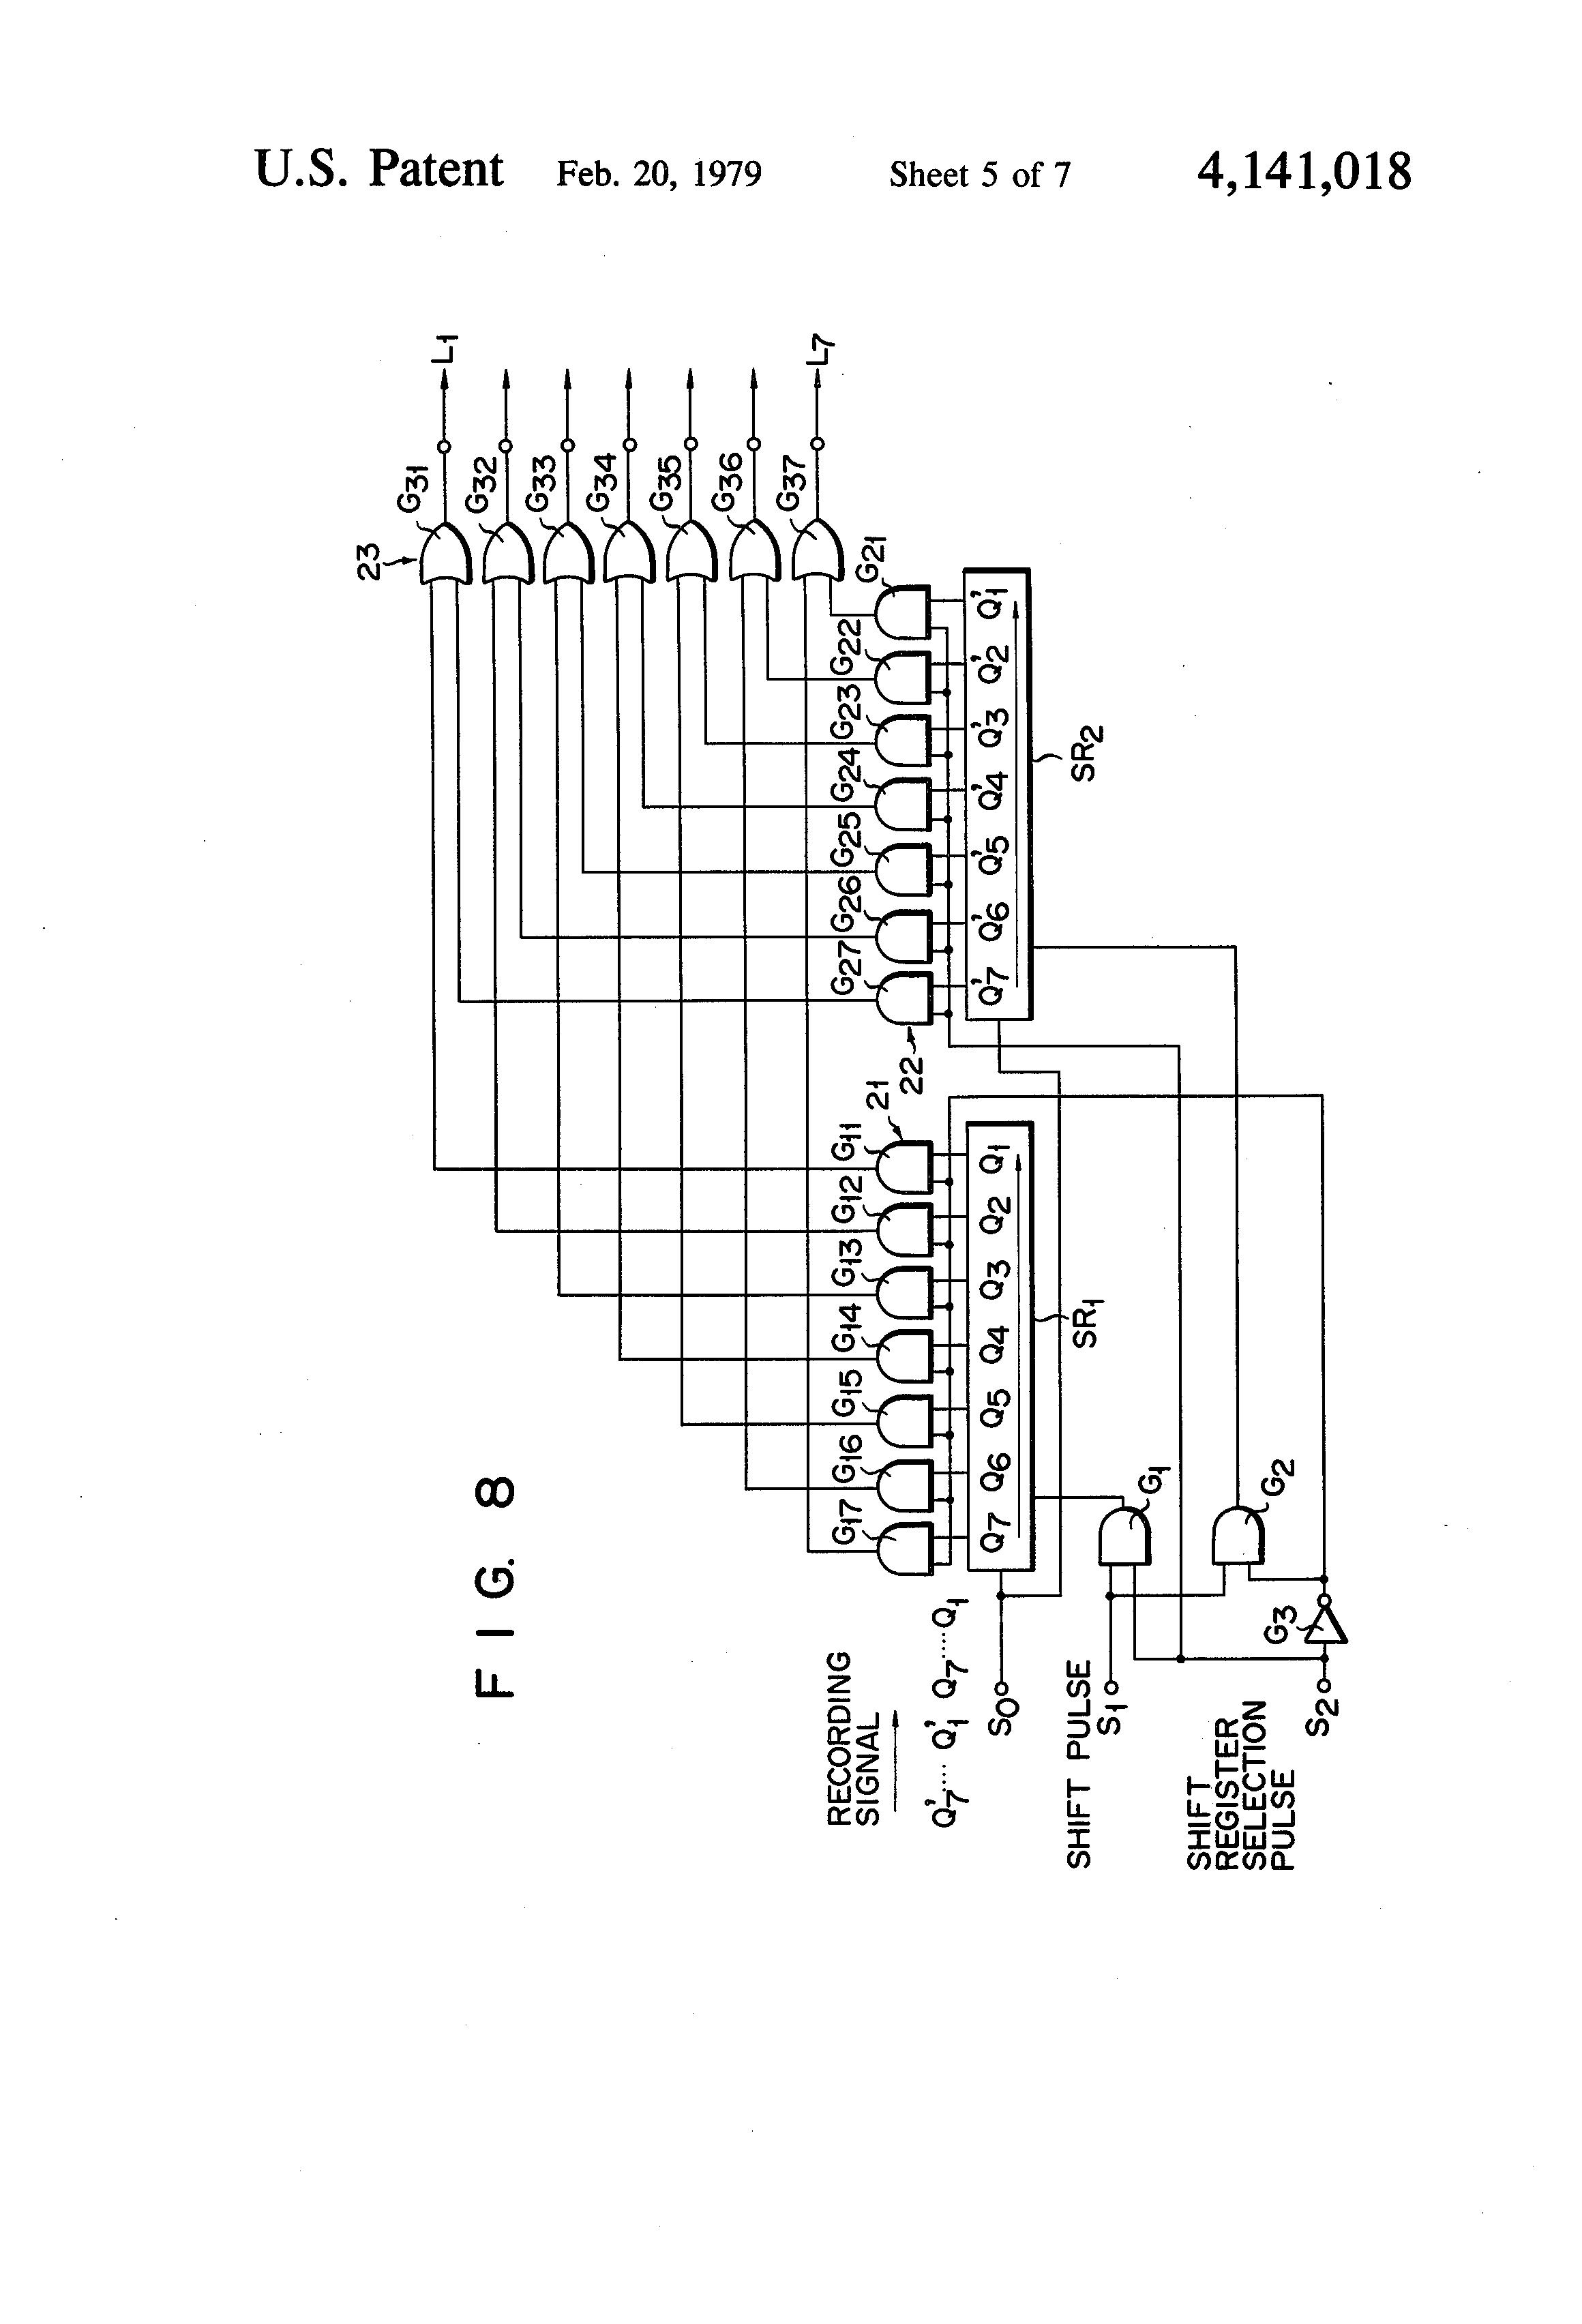 2006 suzuki aerio fuse box diagram with G32 Wiring Diagram on 2001 Suzuki Engine Diagram as well 2004 Mercury Grand Marquis Fuse Diagram besides Suzuki Swift Radio Wiring Diagram further Starter Location On 2007 Suzuki Xl7 moreover G32 Wiring Diagram.